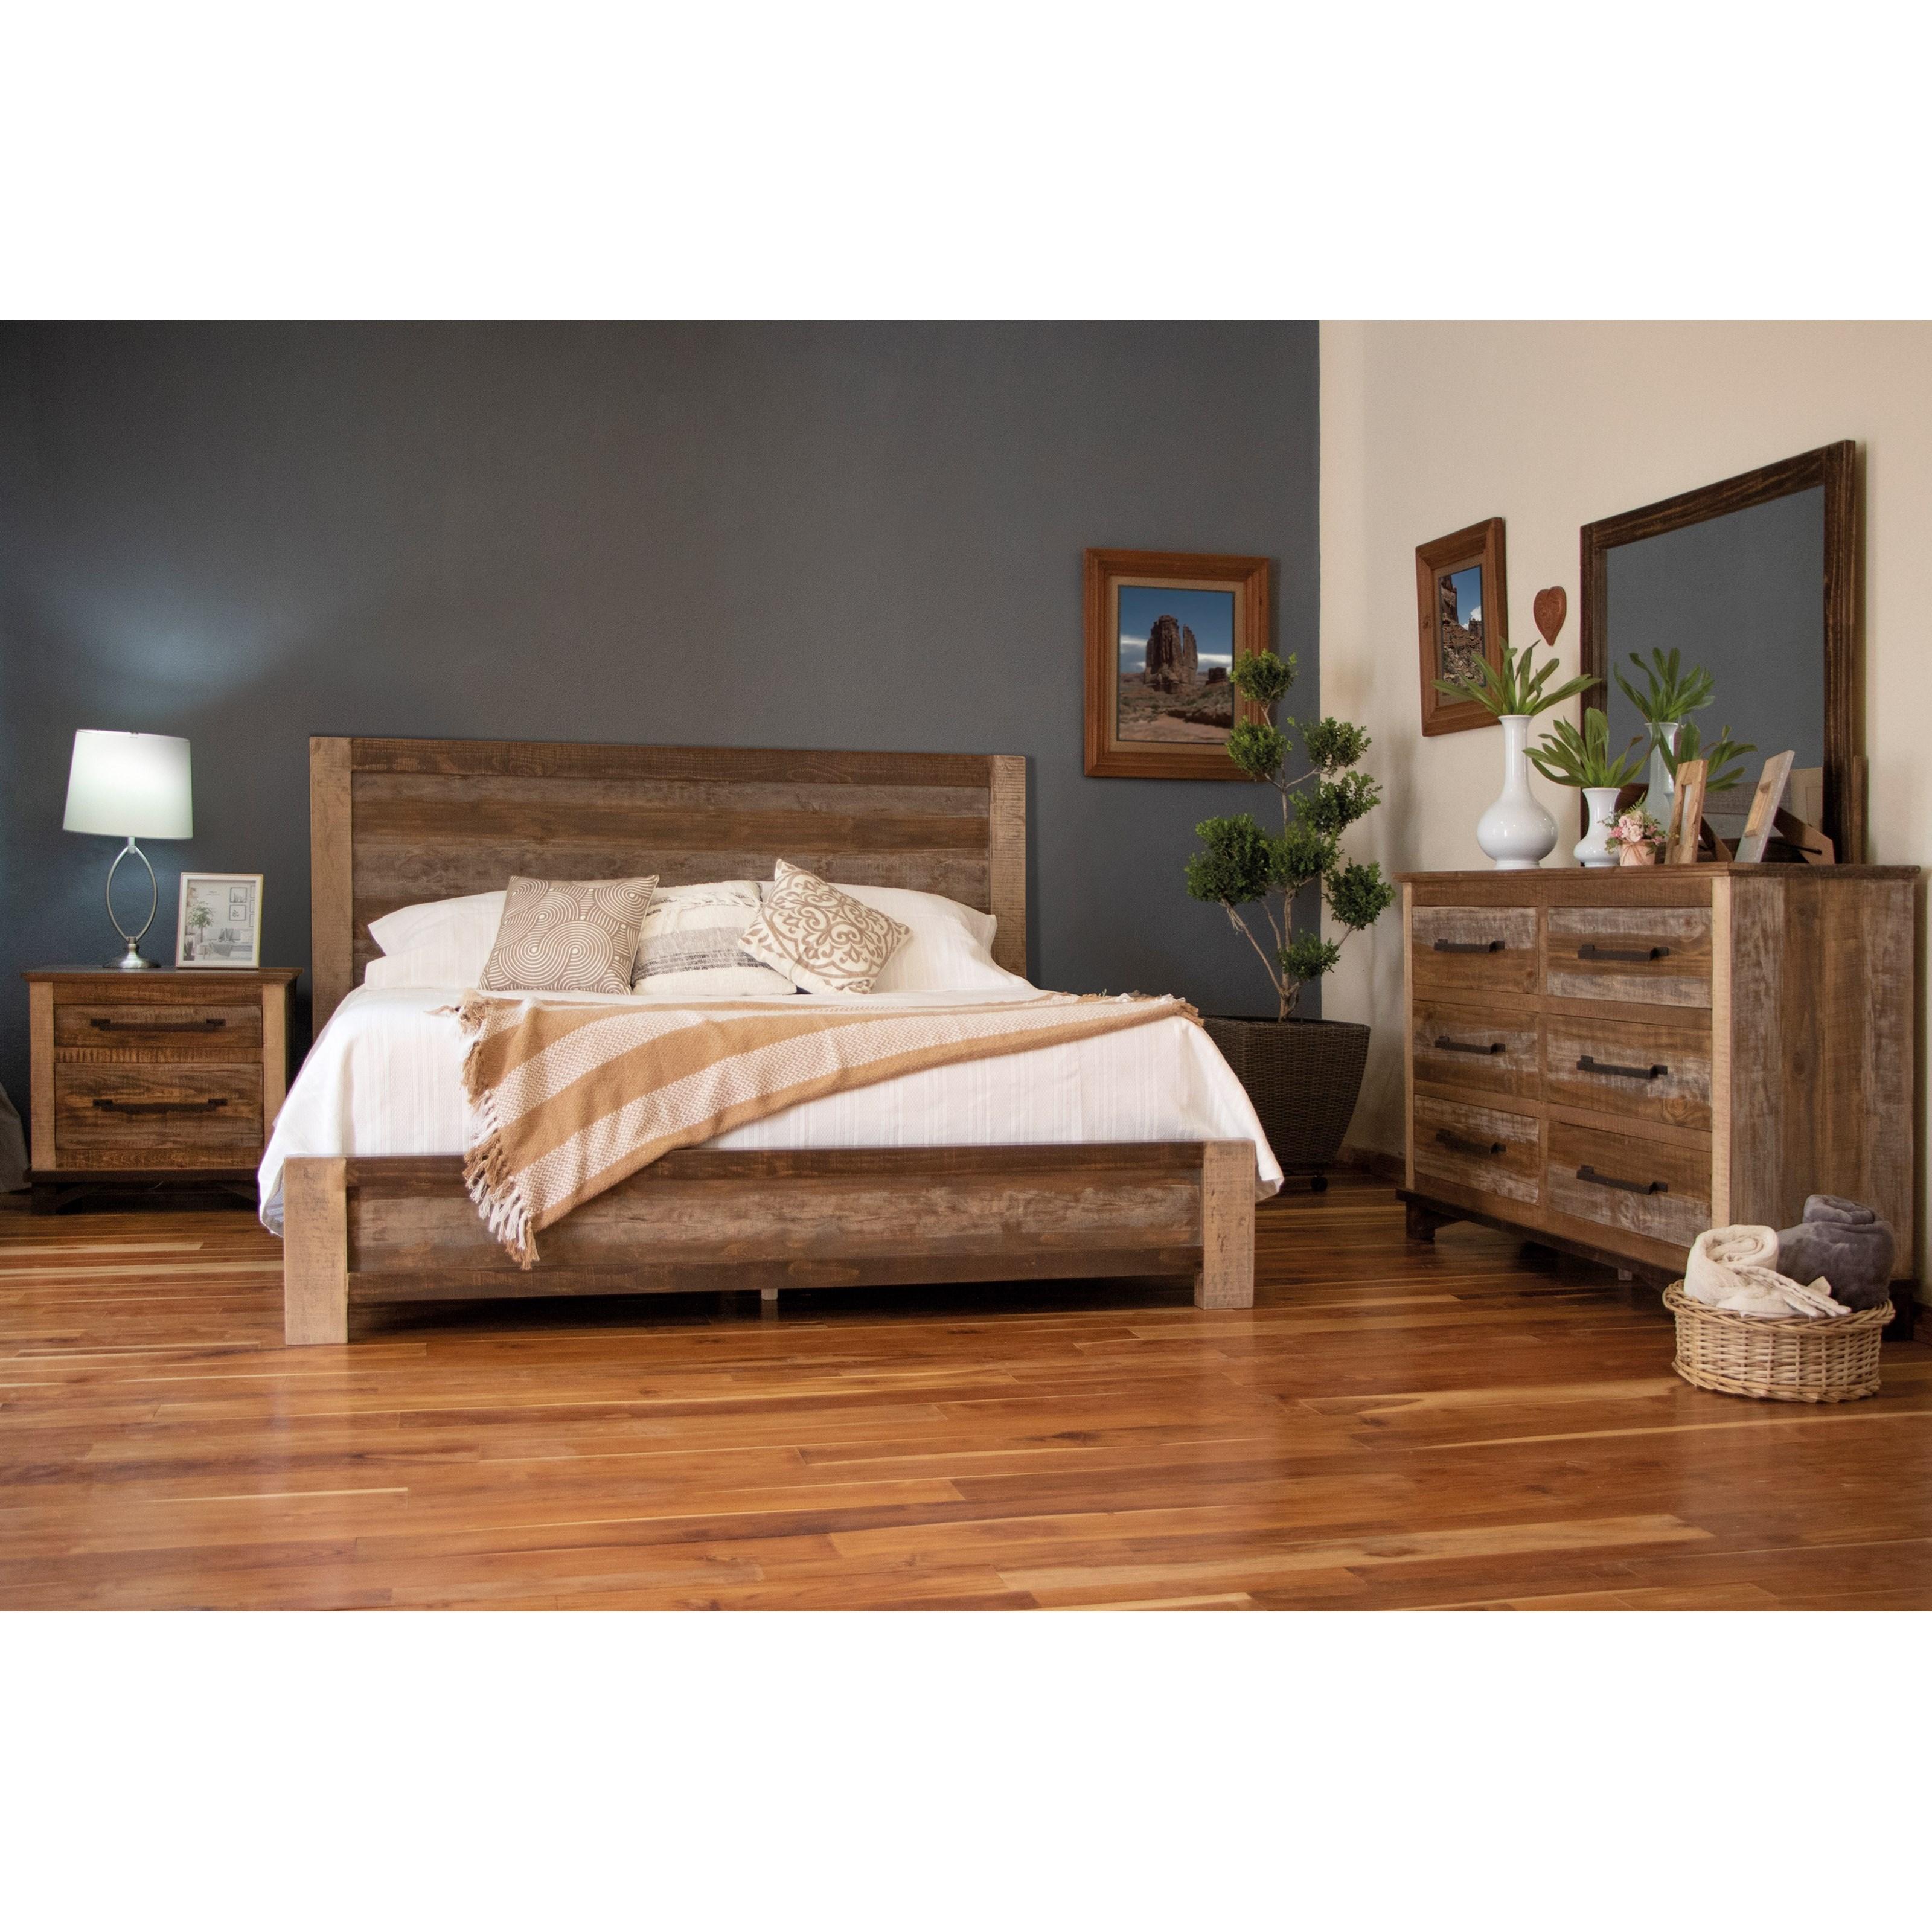 Golden Loft Bedroom Group by International Furniture Direct at Catalog Outlet